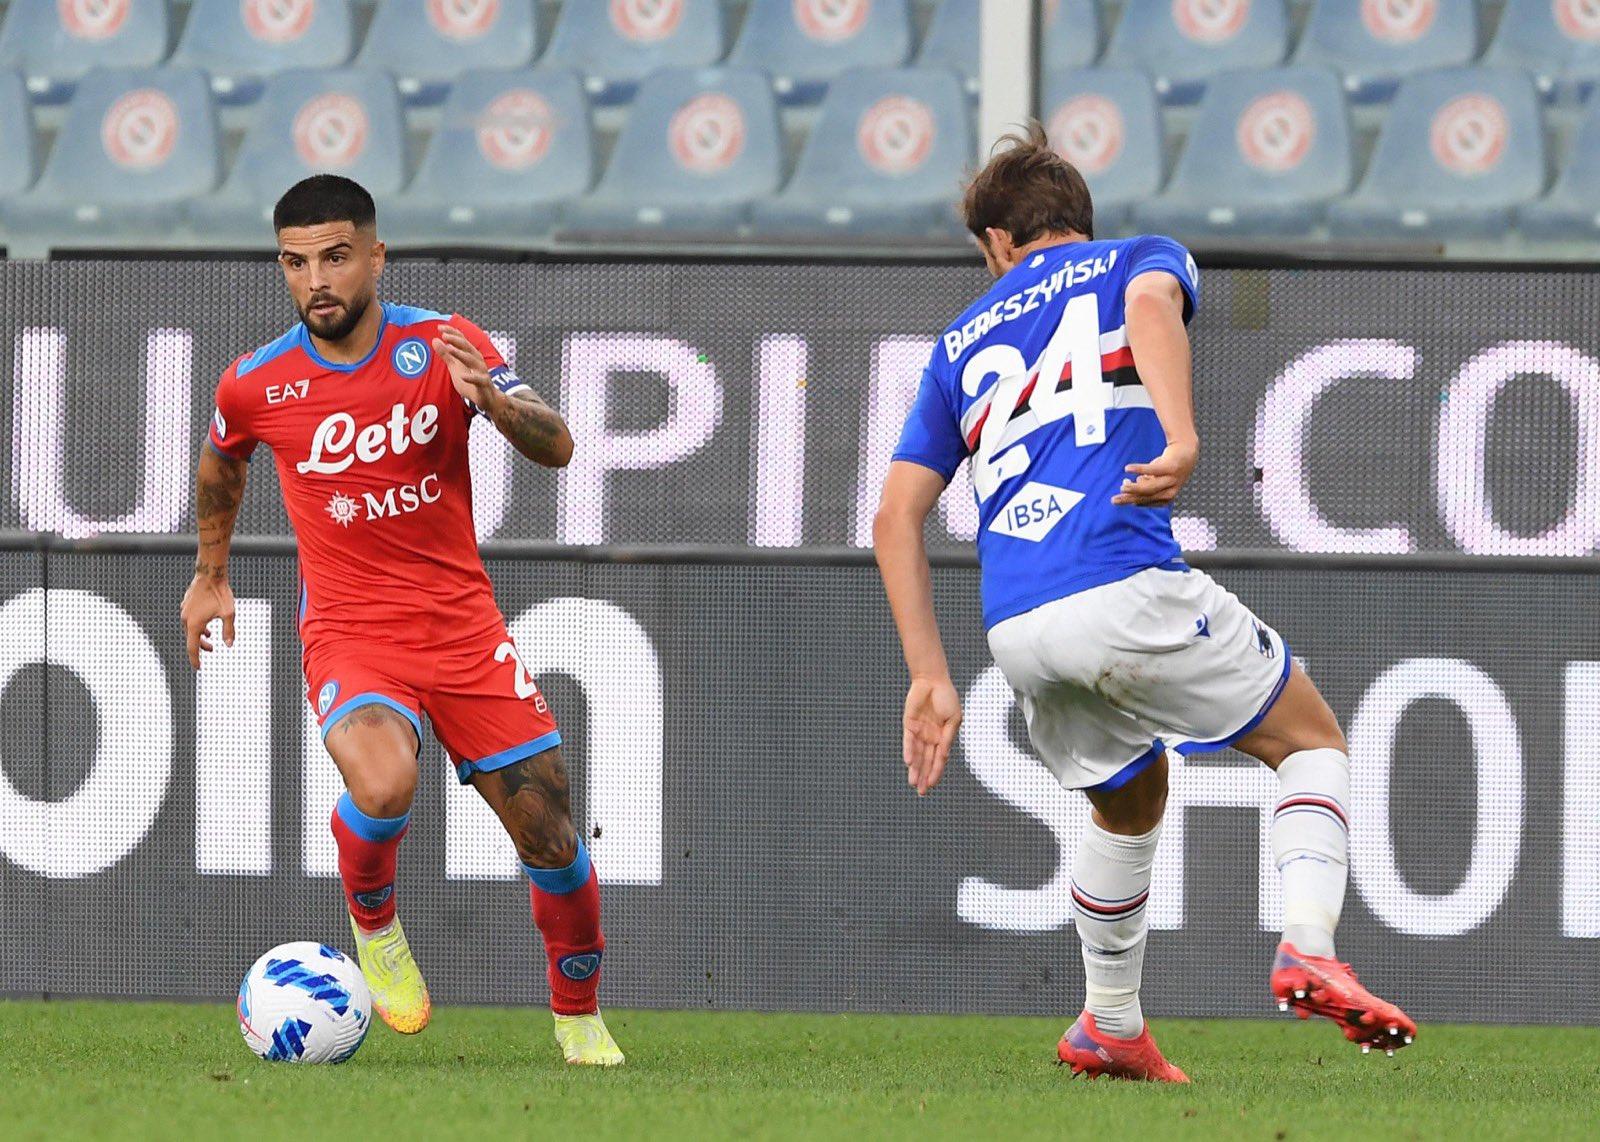 Sampdoria and Naples